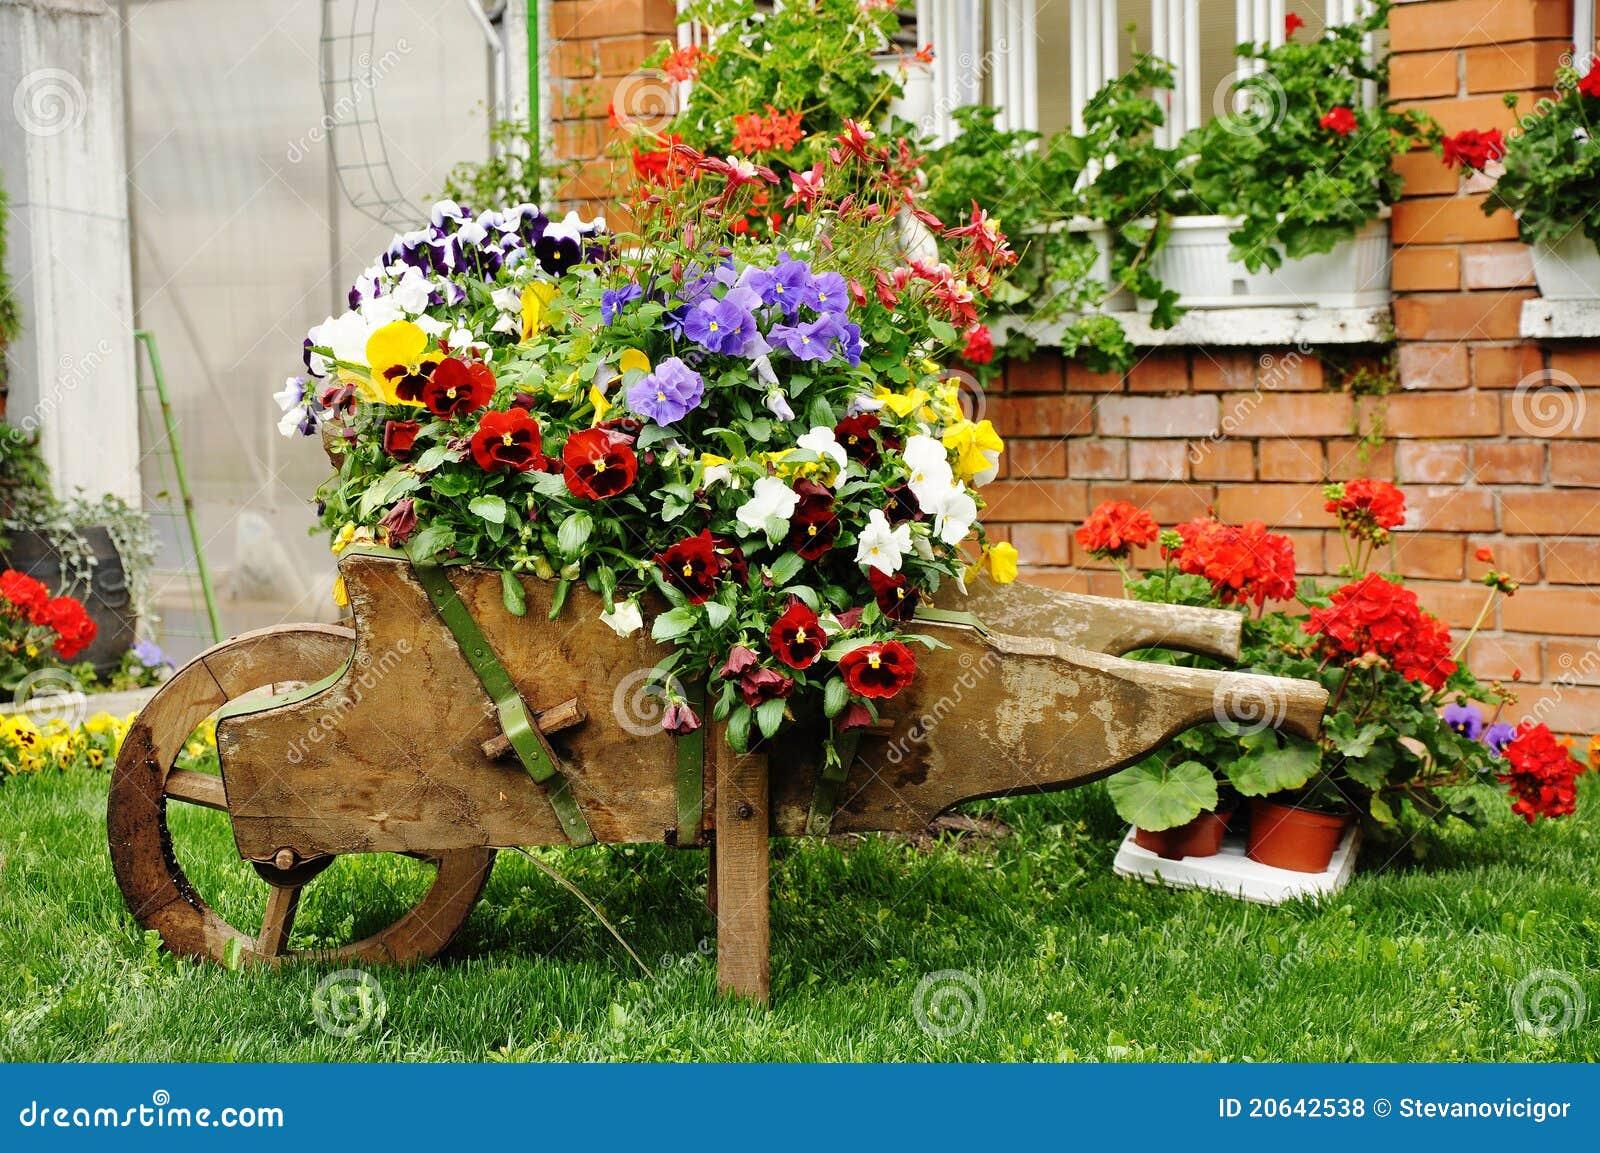 Jardim Do Quintal Fotos de Stock Royalty Free - Imagem ...